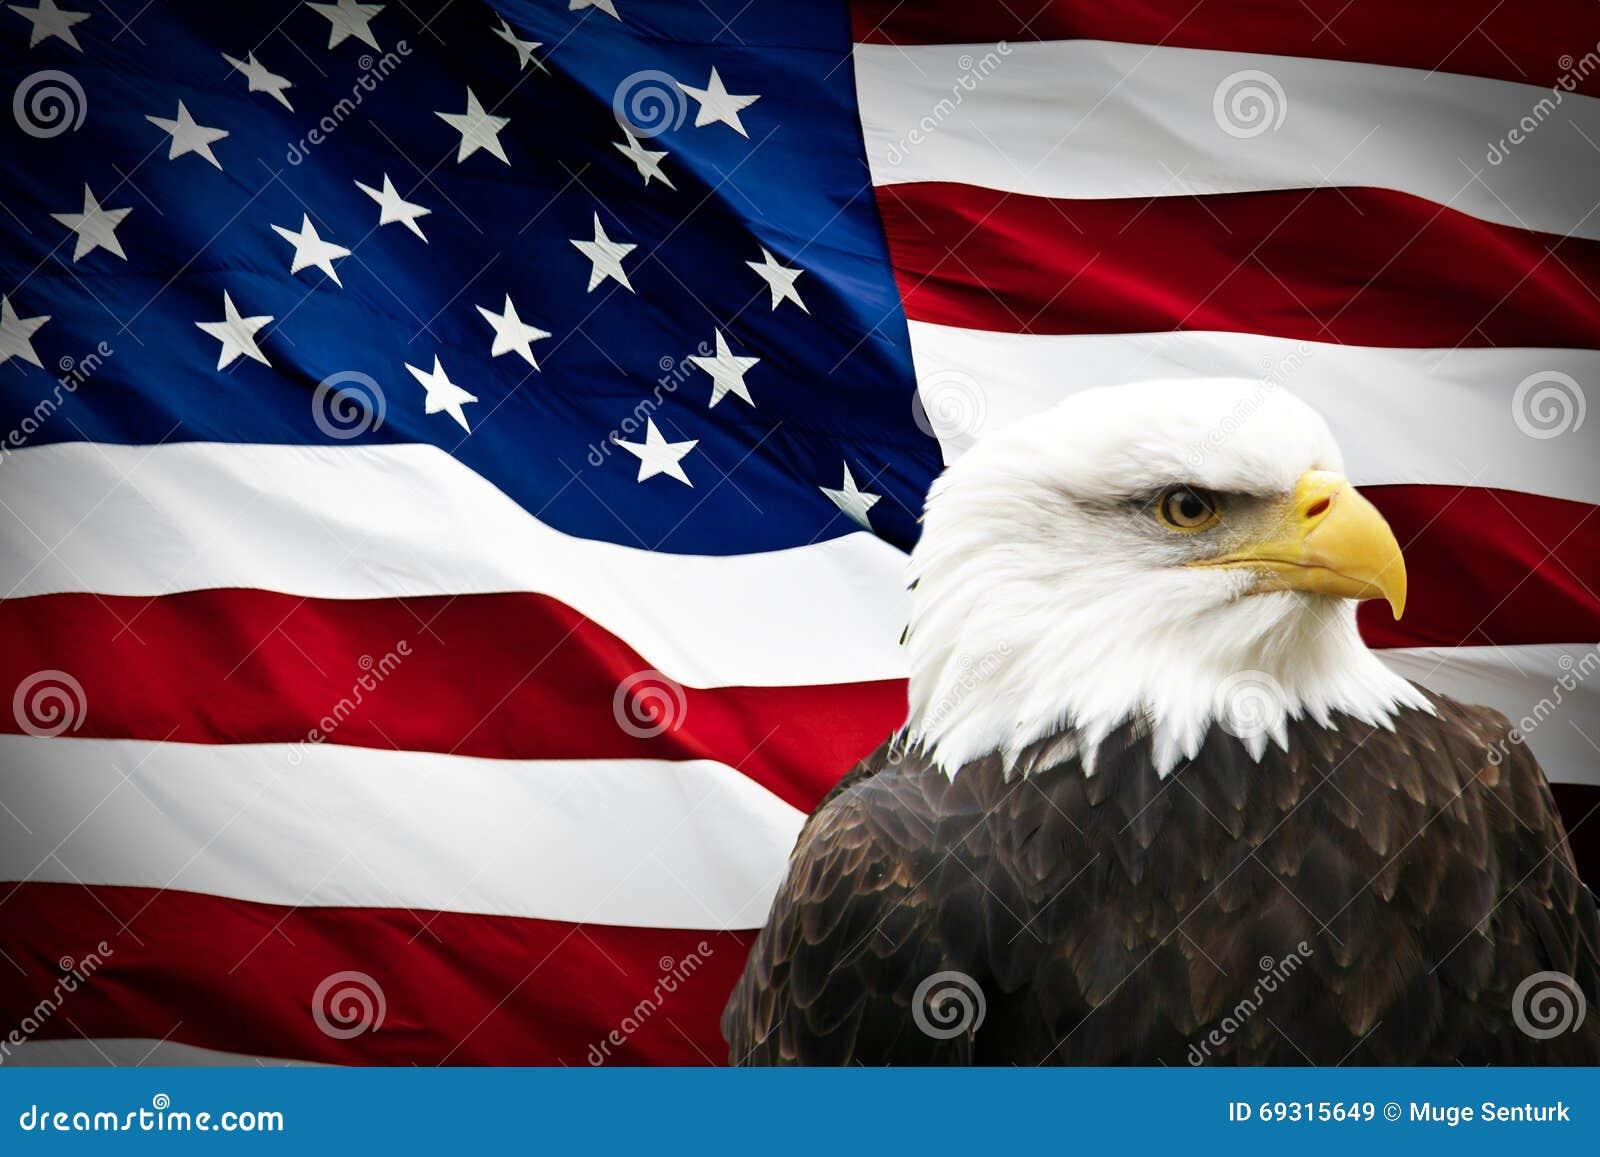 Βορειοαμερικανικός φαλακρός αετός στη αμερικανική σημαία